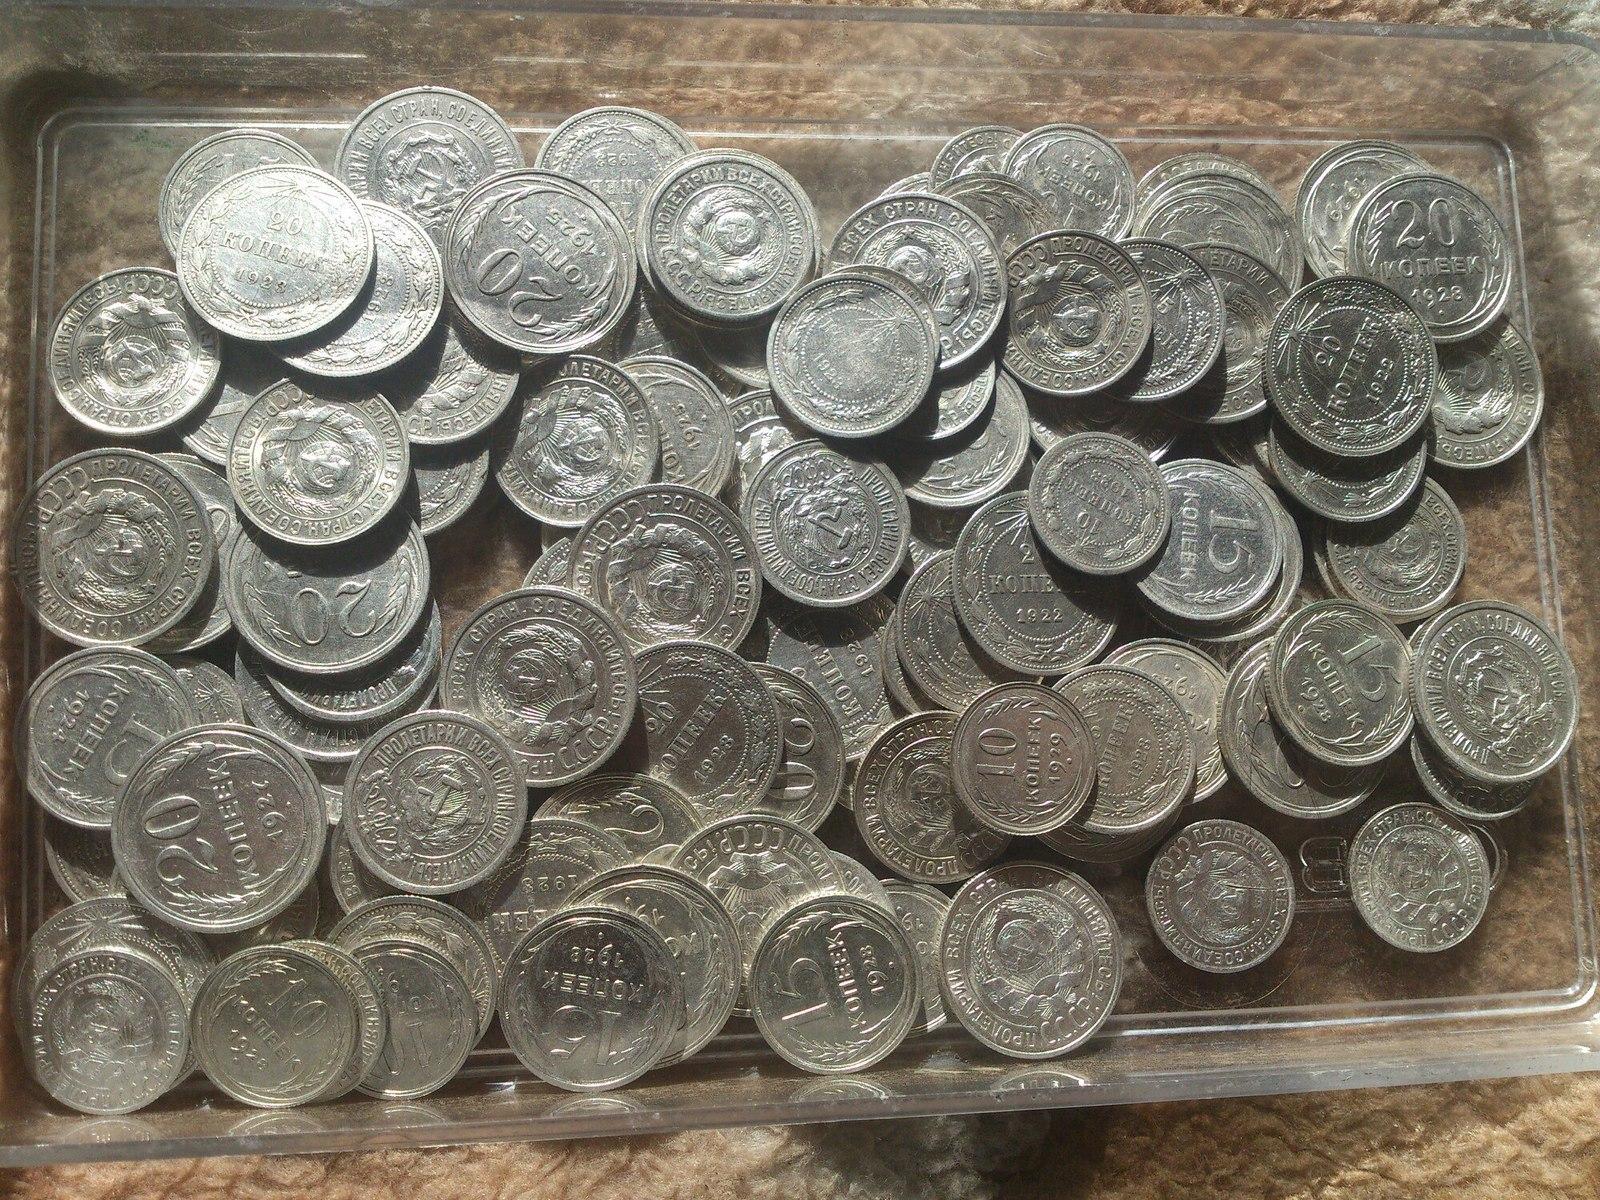 монети 1992 року ціна україна